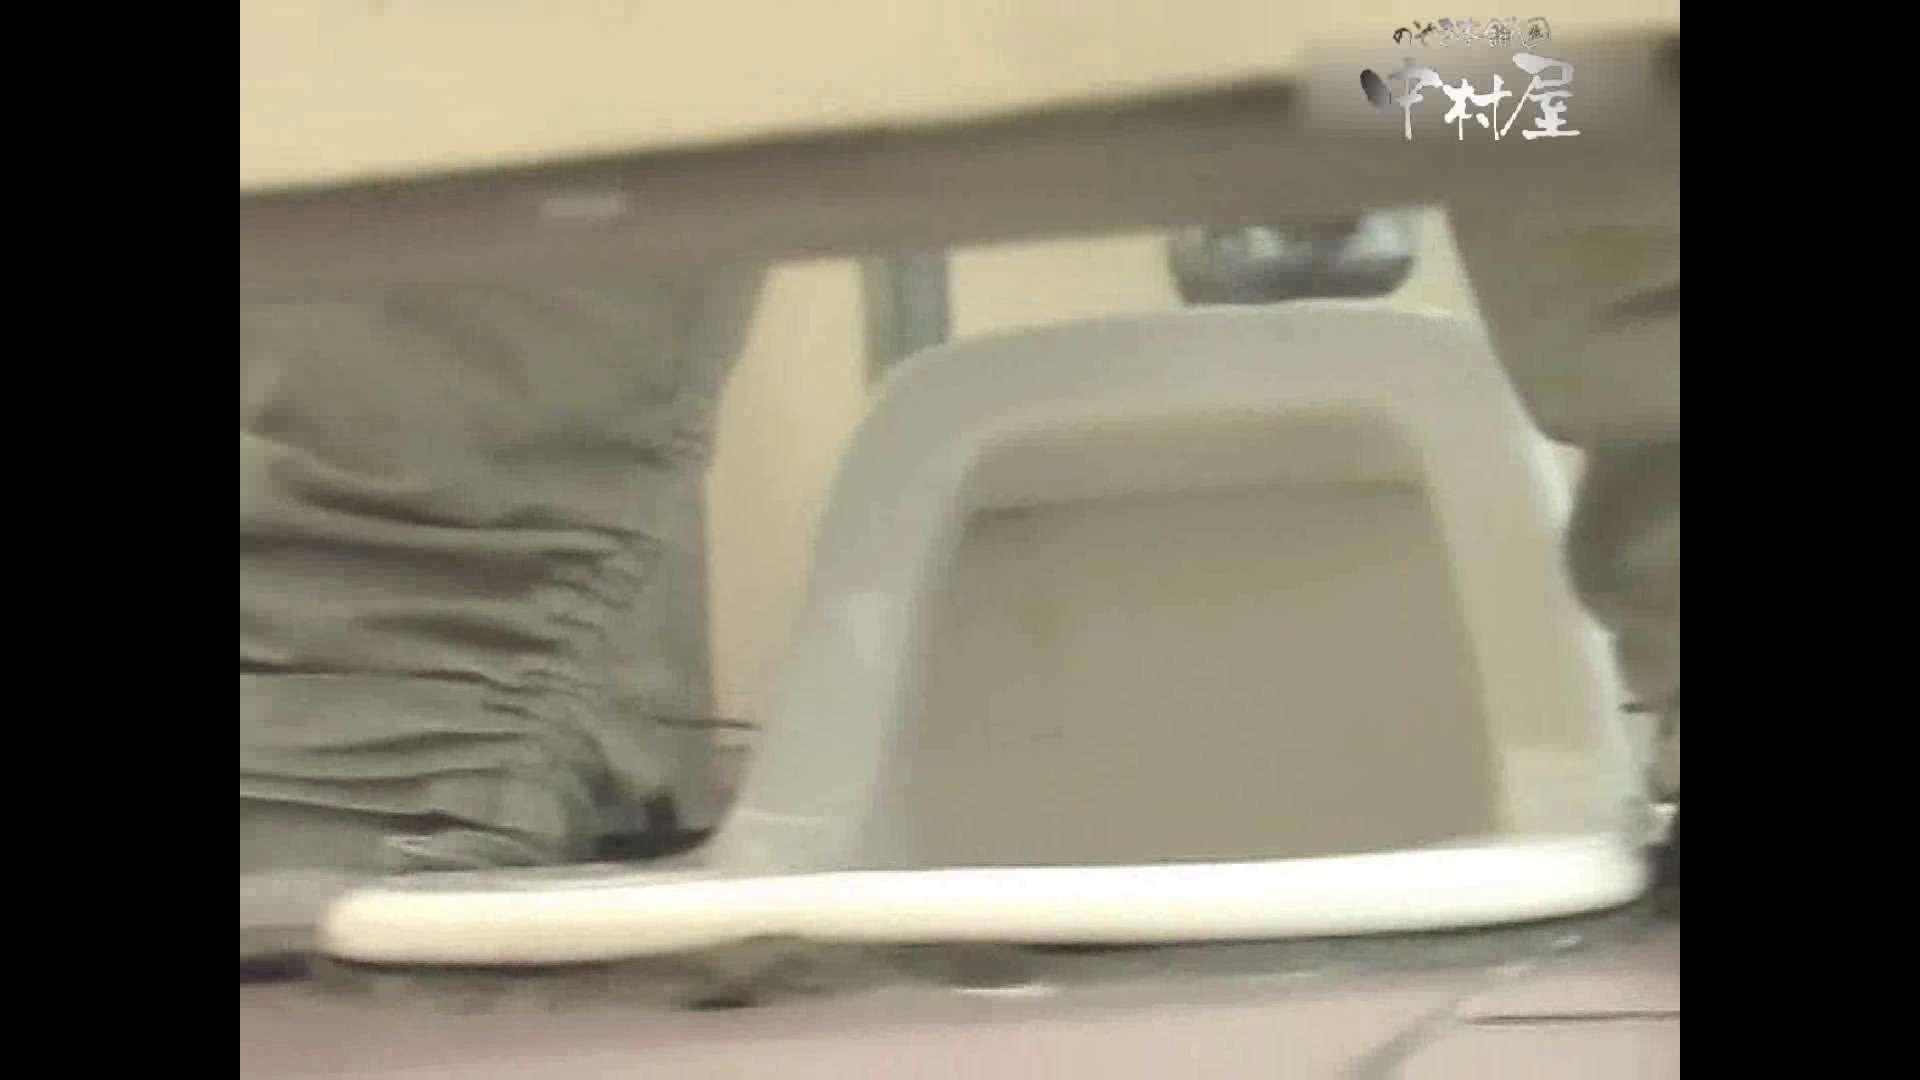 岩手県在住盗撮師盗撮記録vol.20 お姉さんのエロ動画 | マンコエロすぎ  81PIX 1